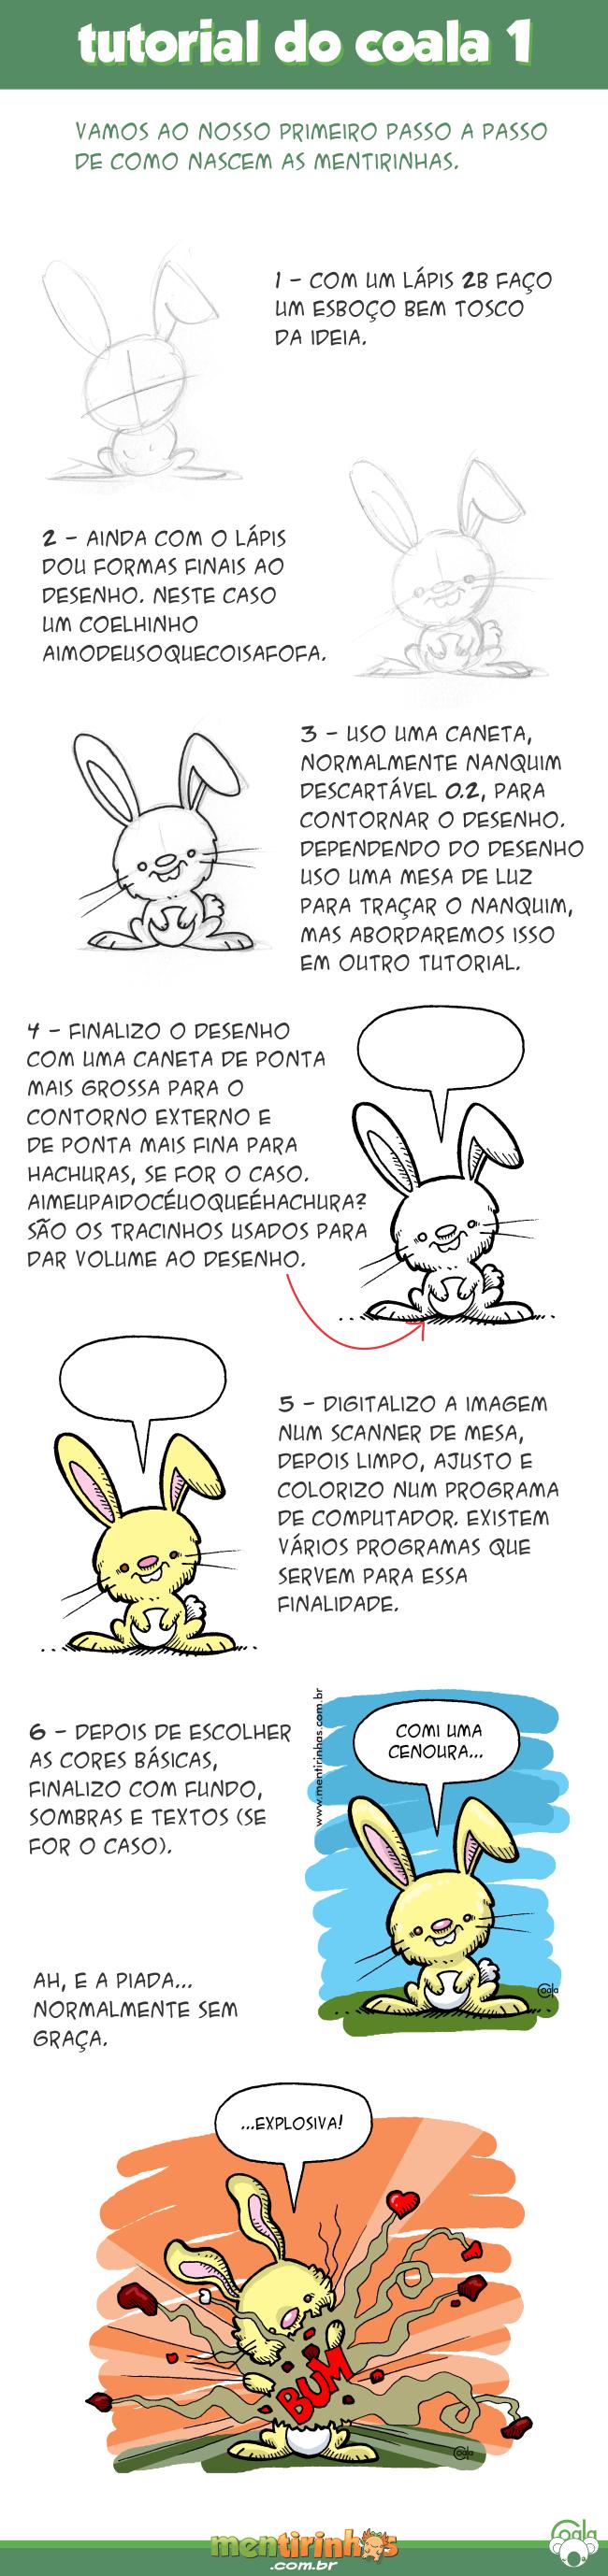 coala _tutorial1